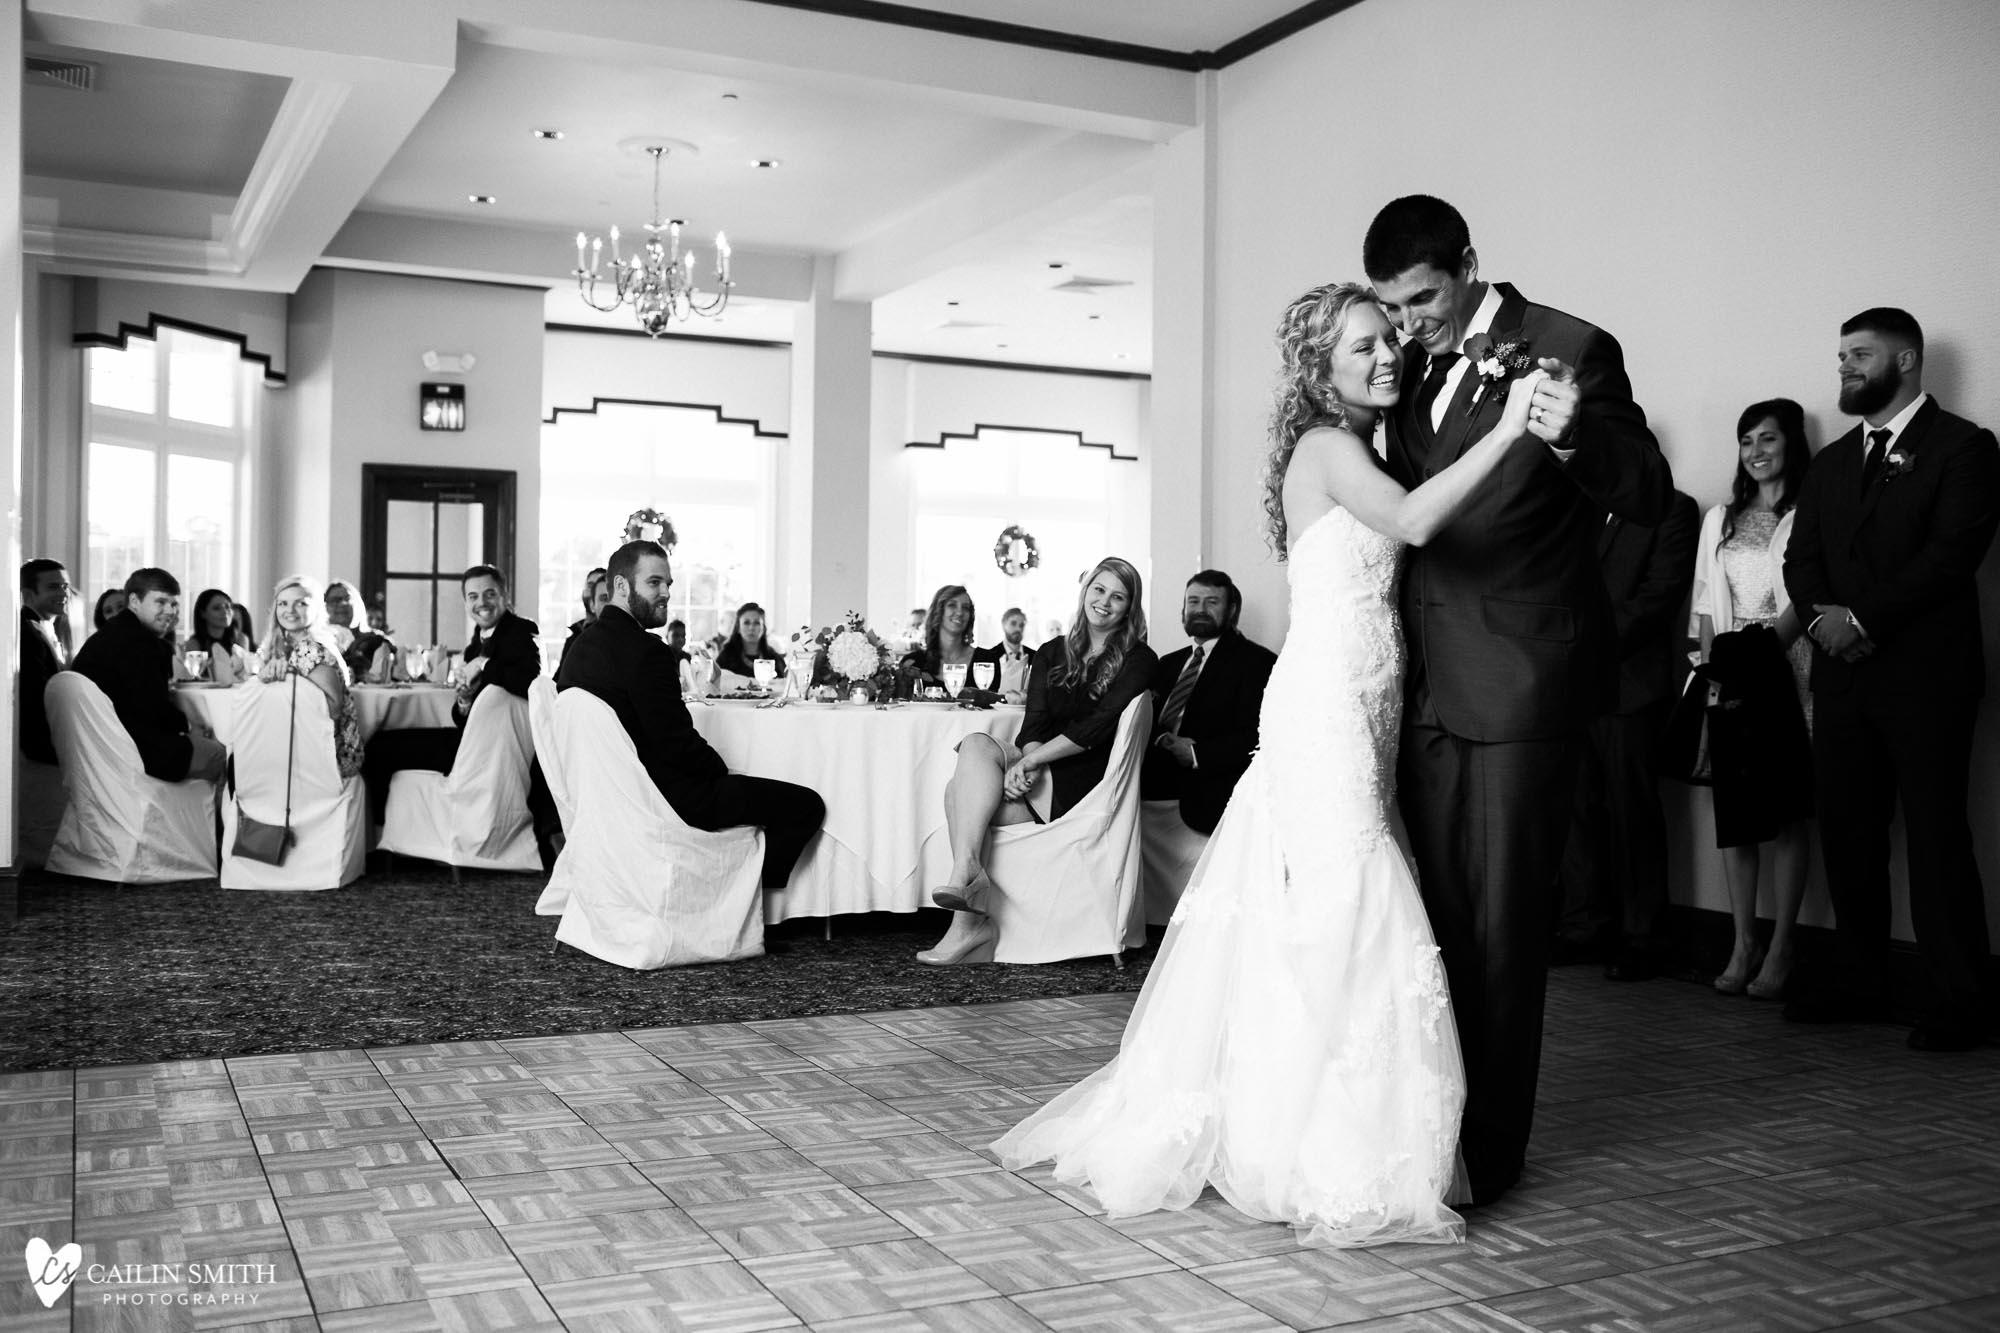 Leah_Major_St_Marys_Wedding_Photography_101.jpg